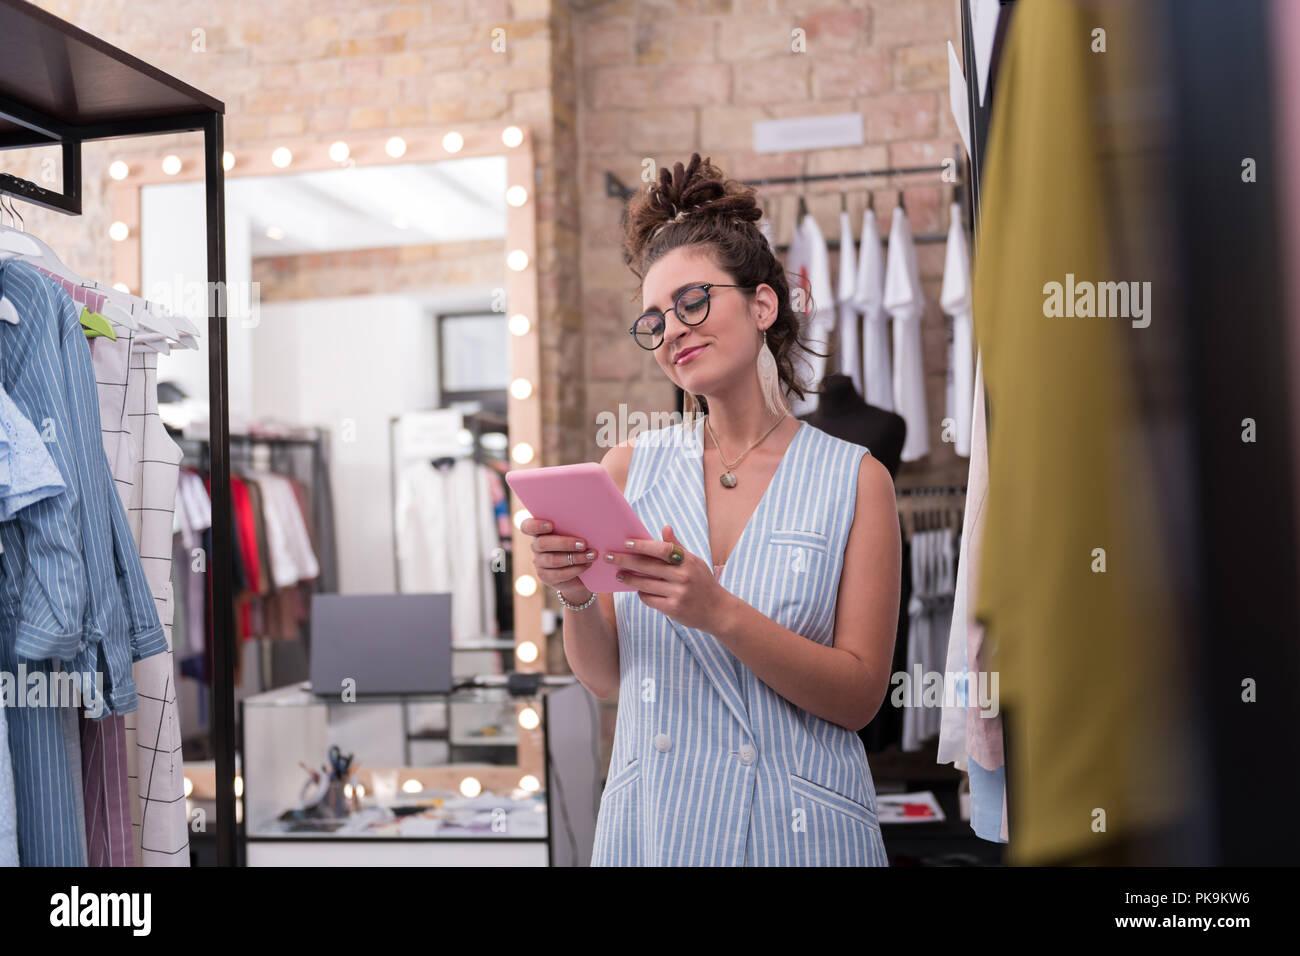 Felice femmina assistente shop controllare le dimensioni disponibili Immagini Stock